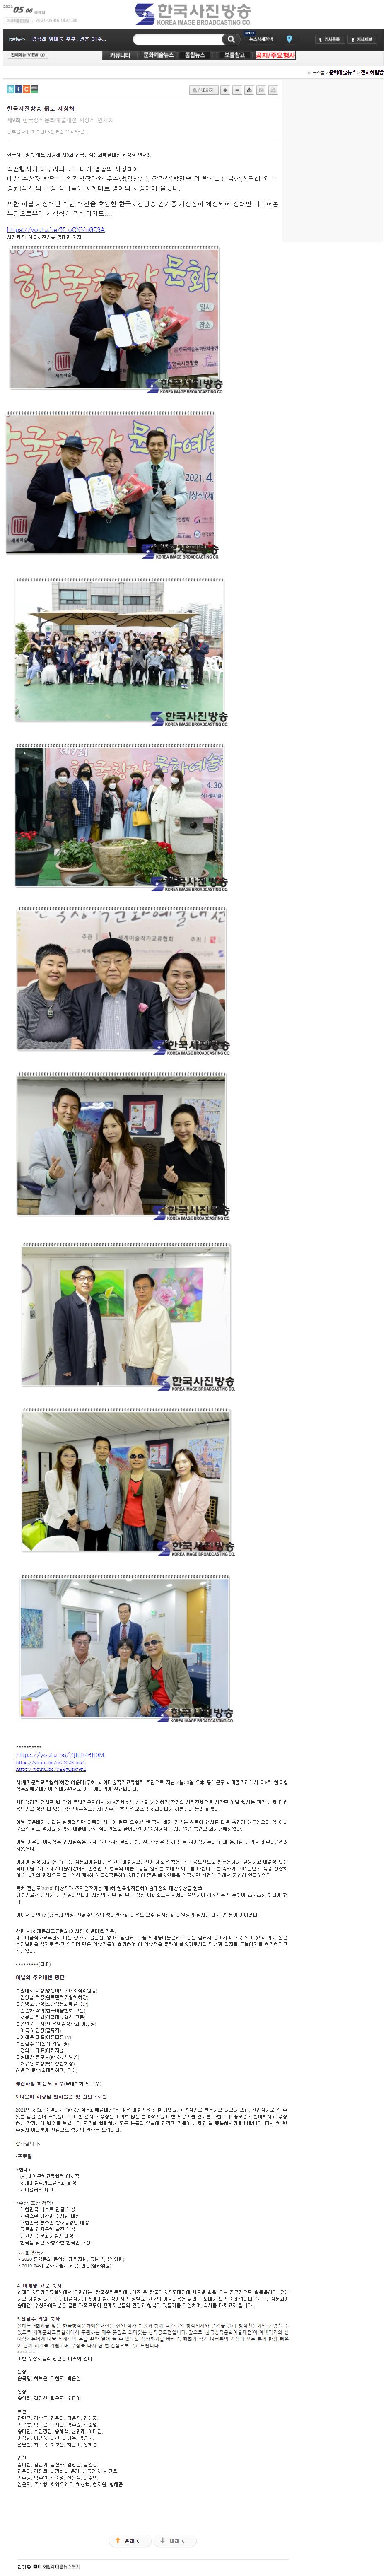 한국사진방송3.jpg